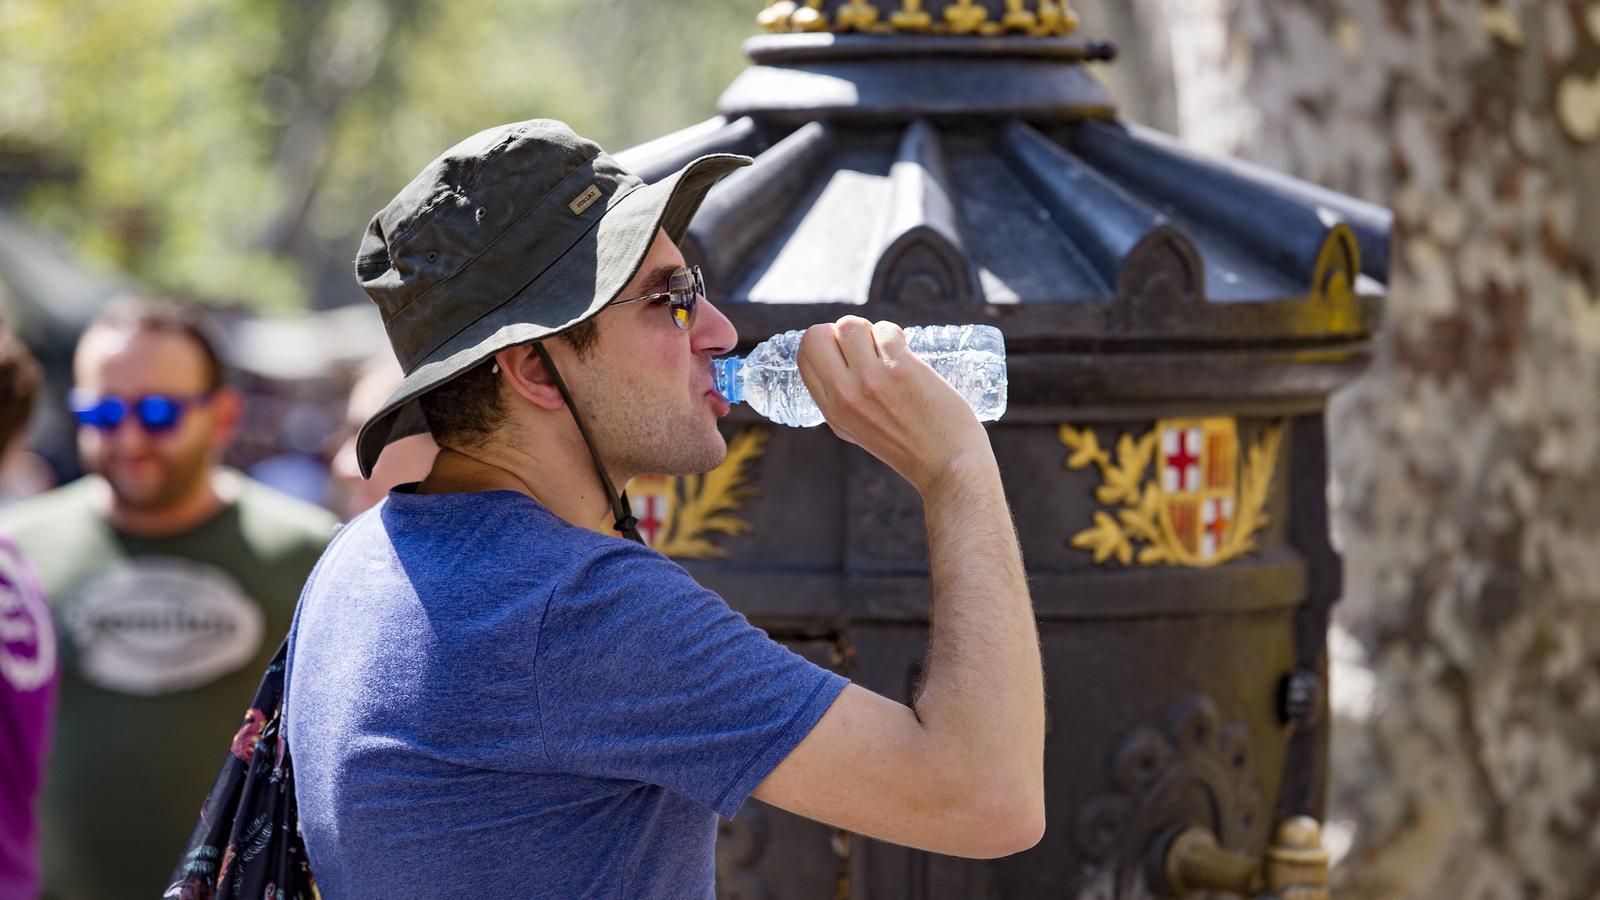 Un home bevent aigua a Barcelona durant l'onada de calor